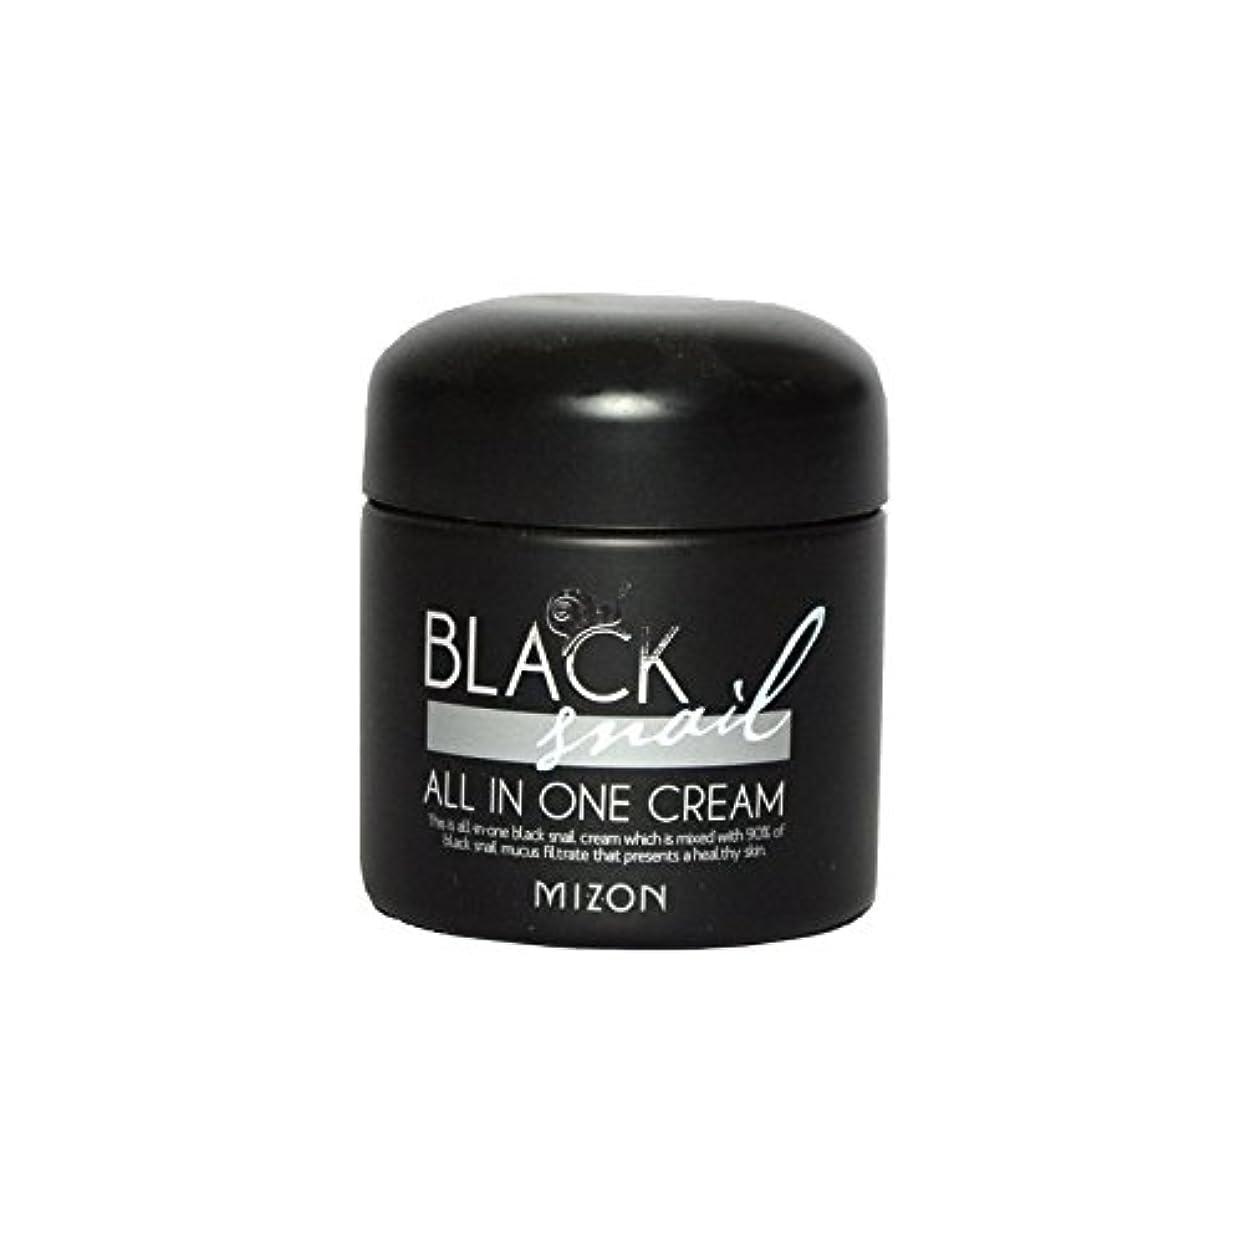 解決つぶやき白菜Mizon Black Snail All in One Cream - 黒カタツムリオールインワンクリーム [並行輸入品]